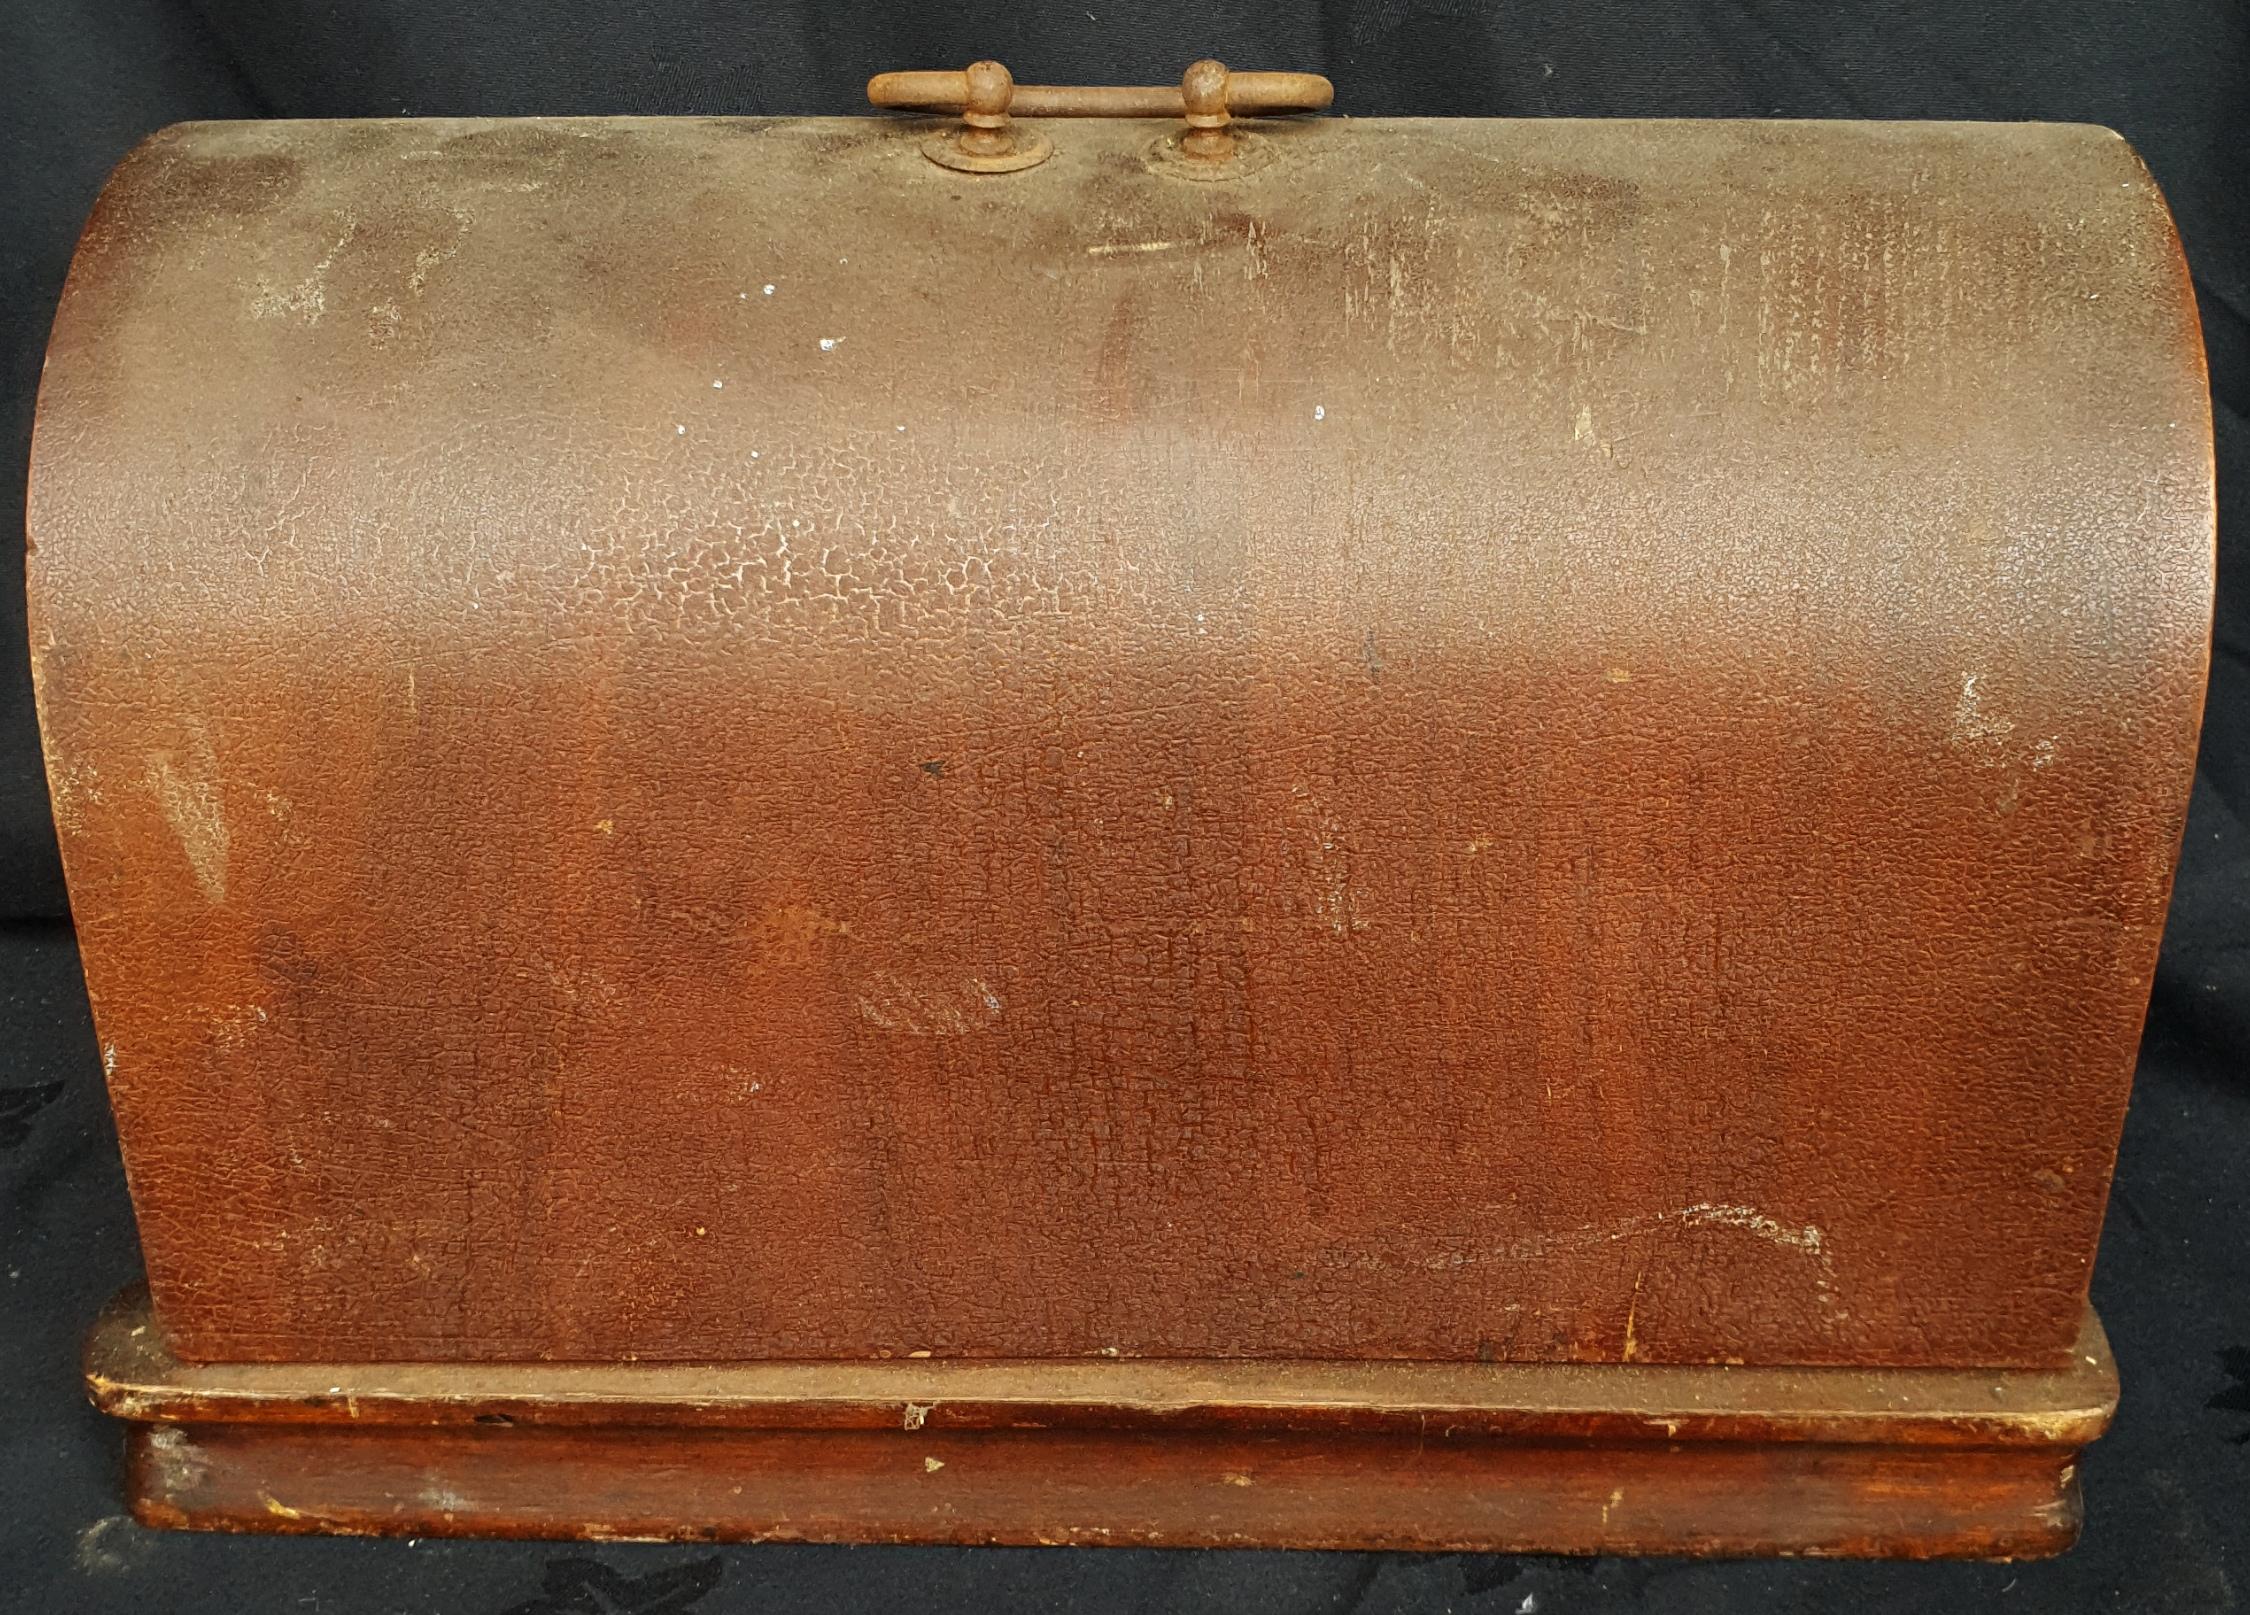 Antique Vesta Sewing Machine In Original Case - Image 3 of 3